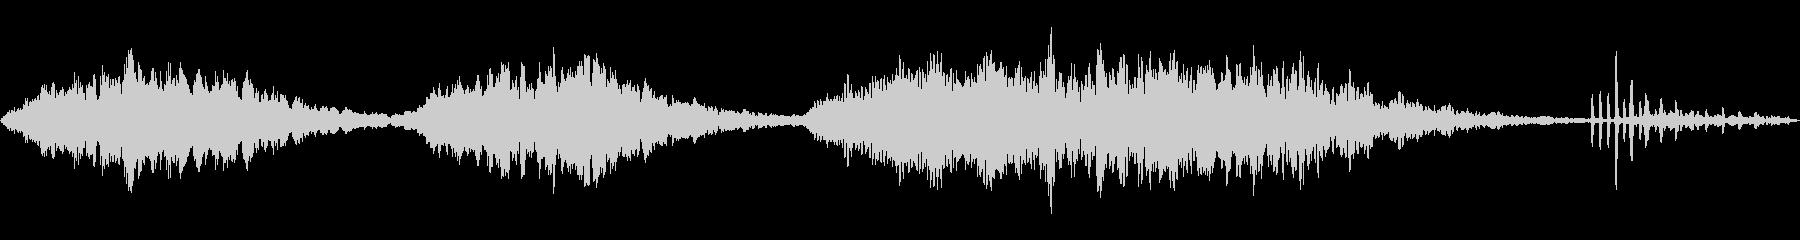 恐怖や不安を感じるシンプルなループBGMの未再生の波形